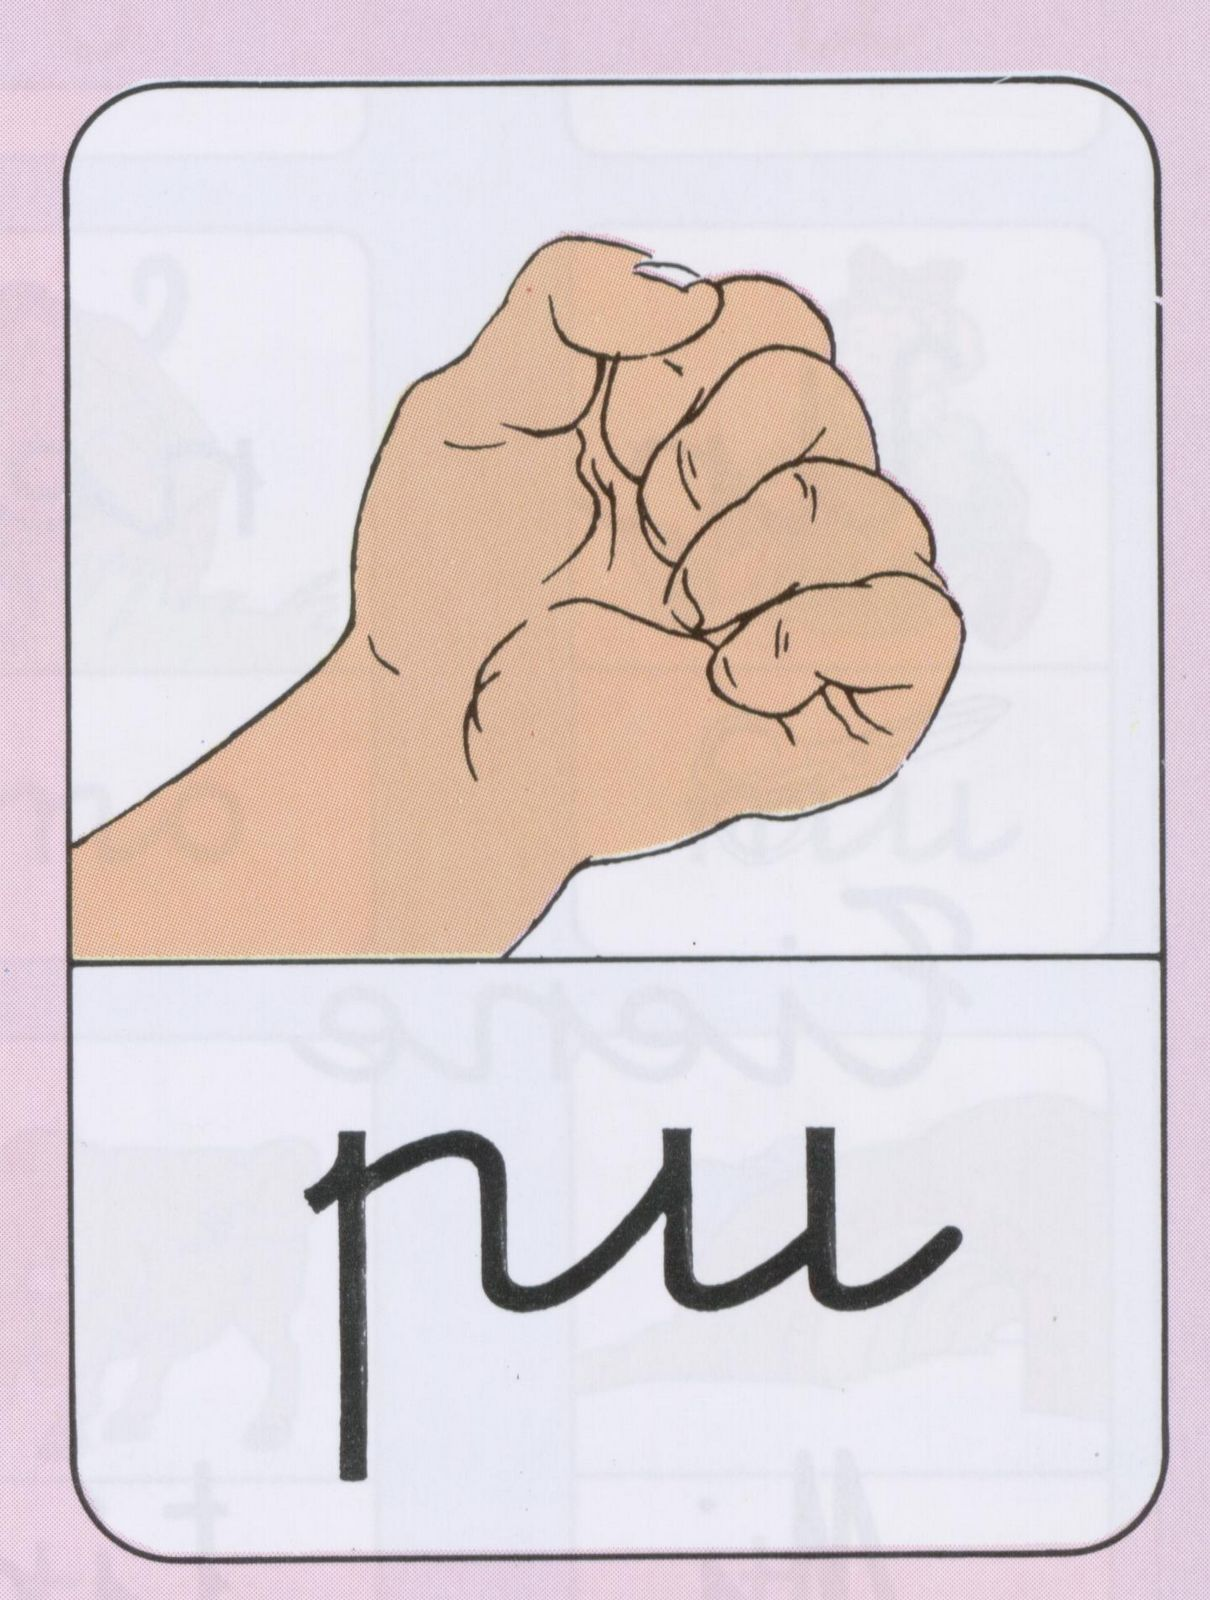 ilustradas para formar palavras em espanhol espanhol para crianças #995C32 1210 1600